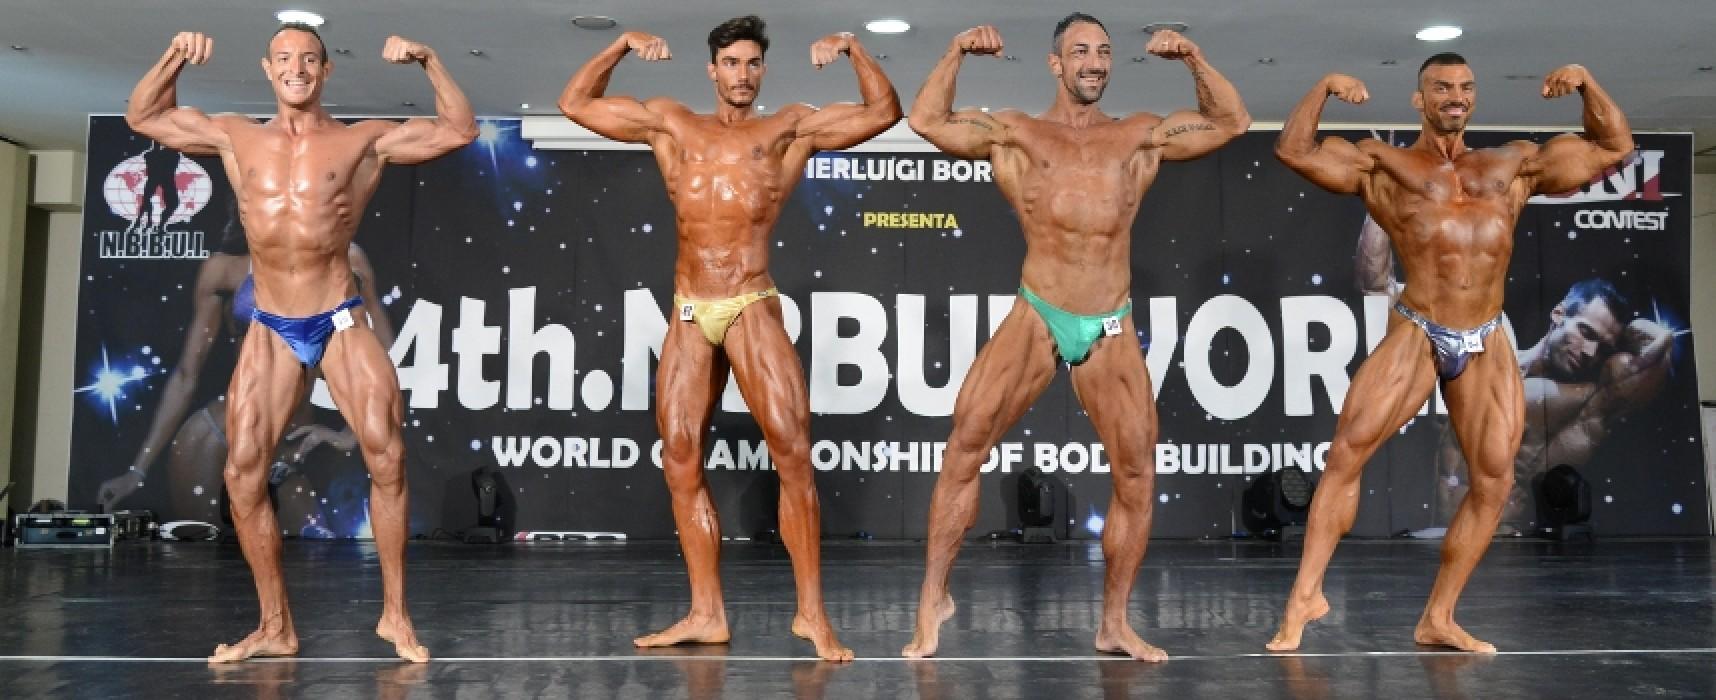 Il bodybuilder biscegliese Paky Dell'Olio torna a vincere, oro e argento a Castellaneta Marina